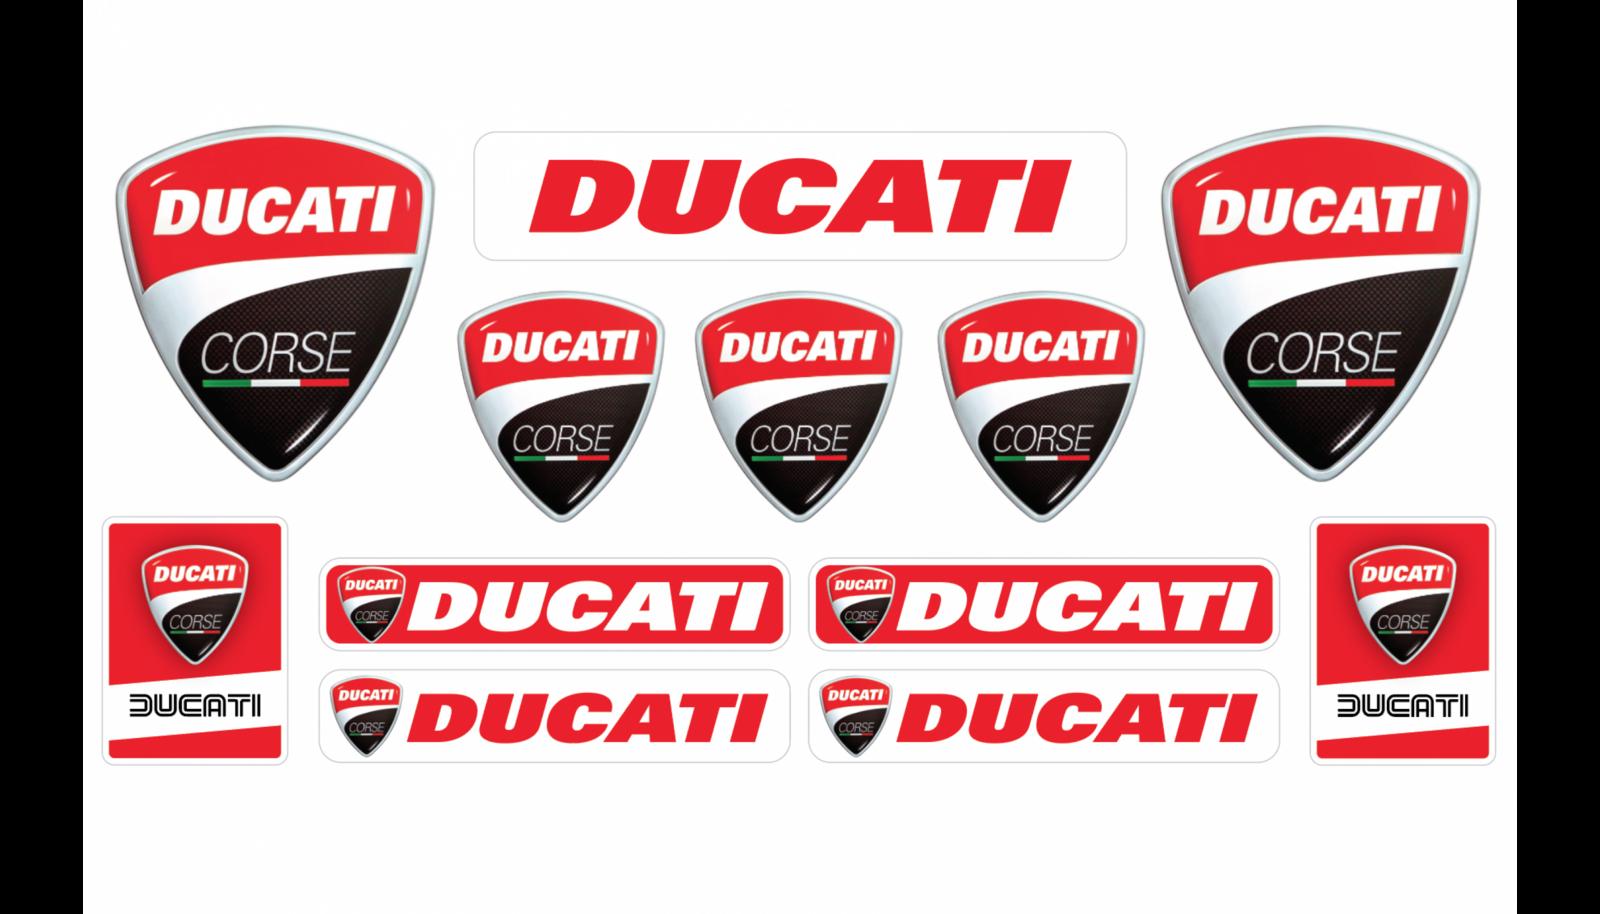 ducati-corse-big-set-2800x1600.png